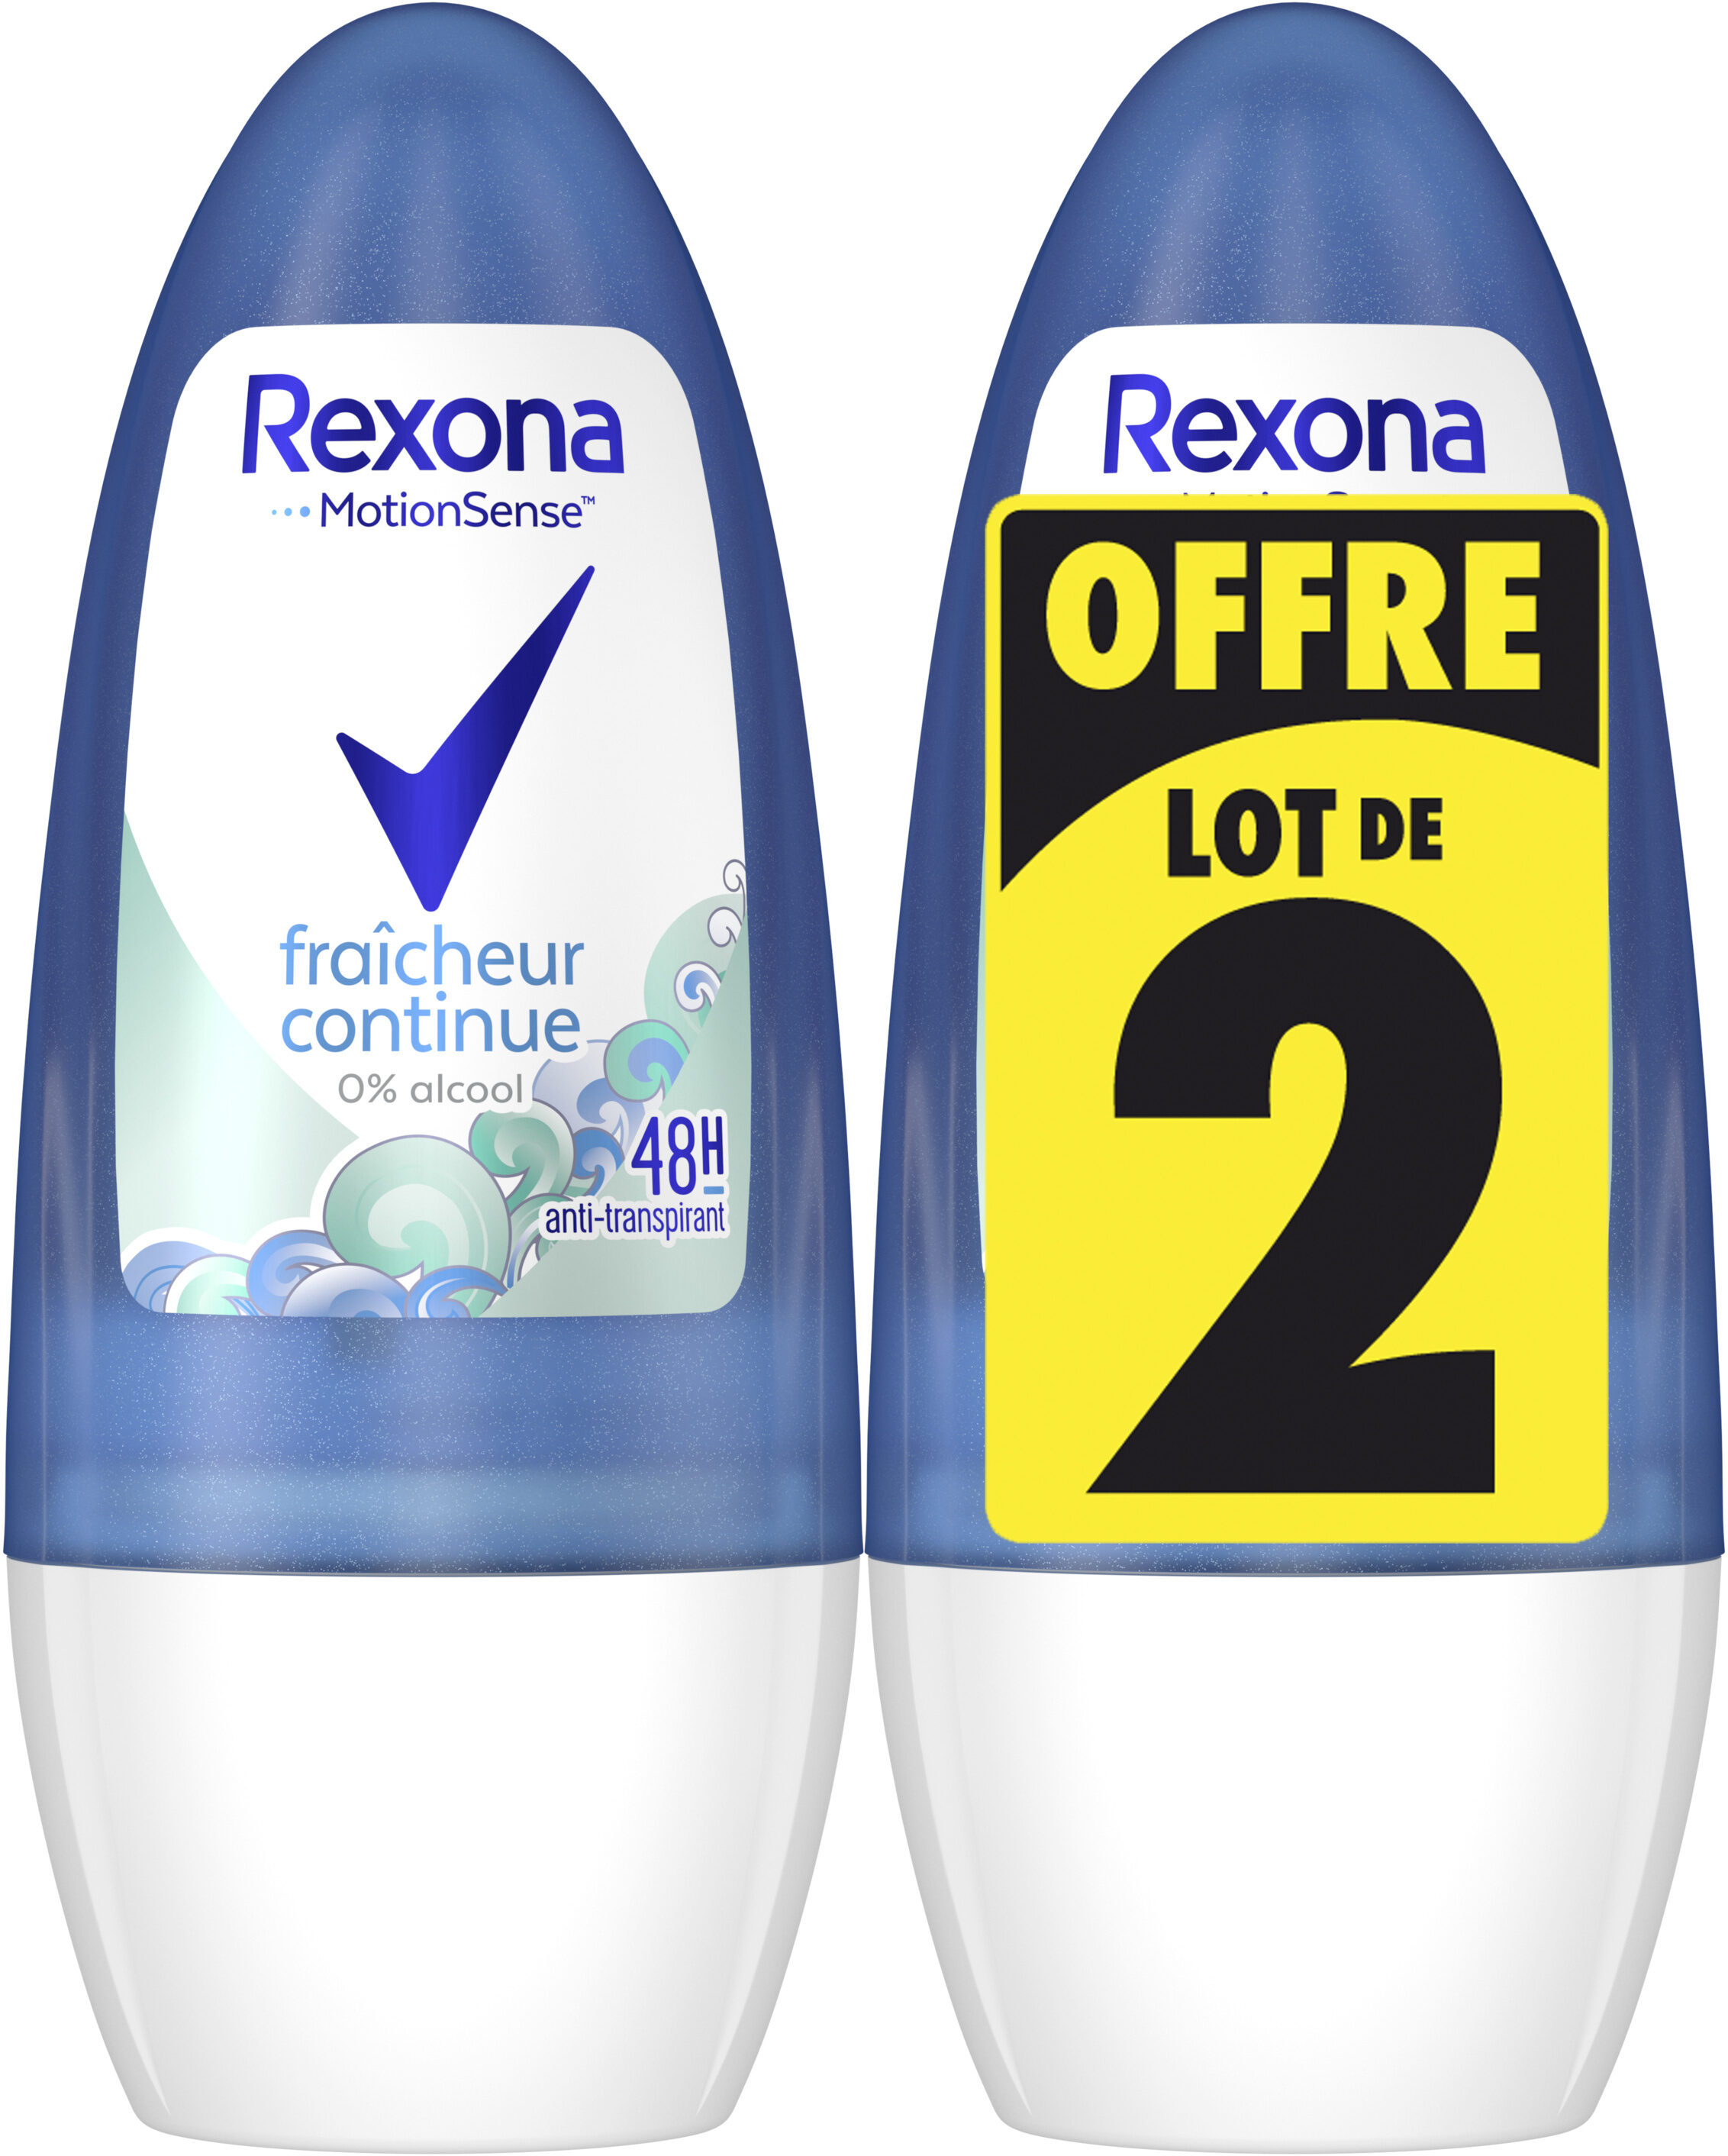 REXONA Déodorant Femme Bille Fraicheur Continue 50ml Lot de 2 - Product - fr